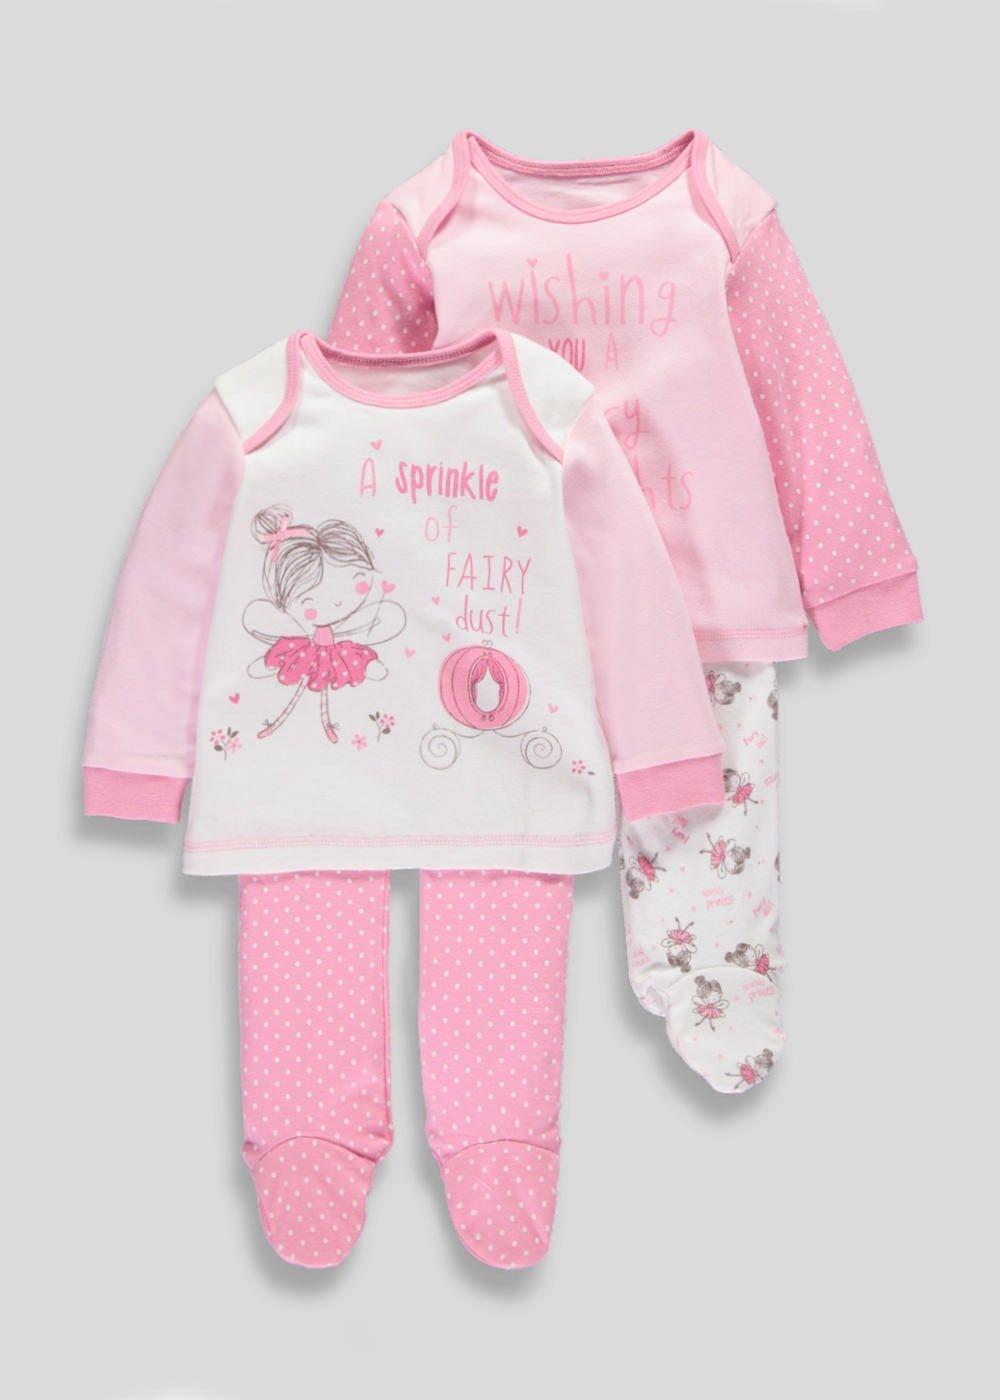 e17548c3 Shop Girls Nightwear - PJs, Dressing Gowns, & Slippers | pyjamas ...